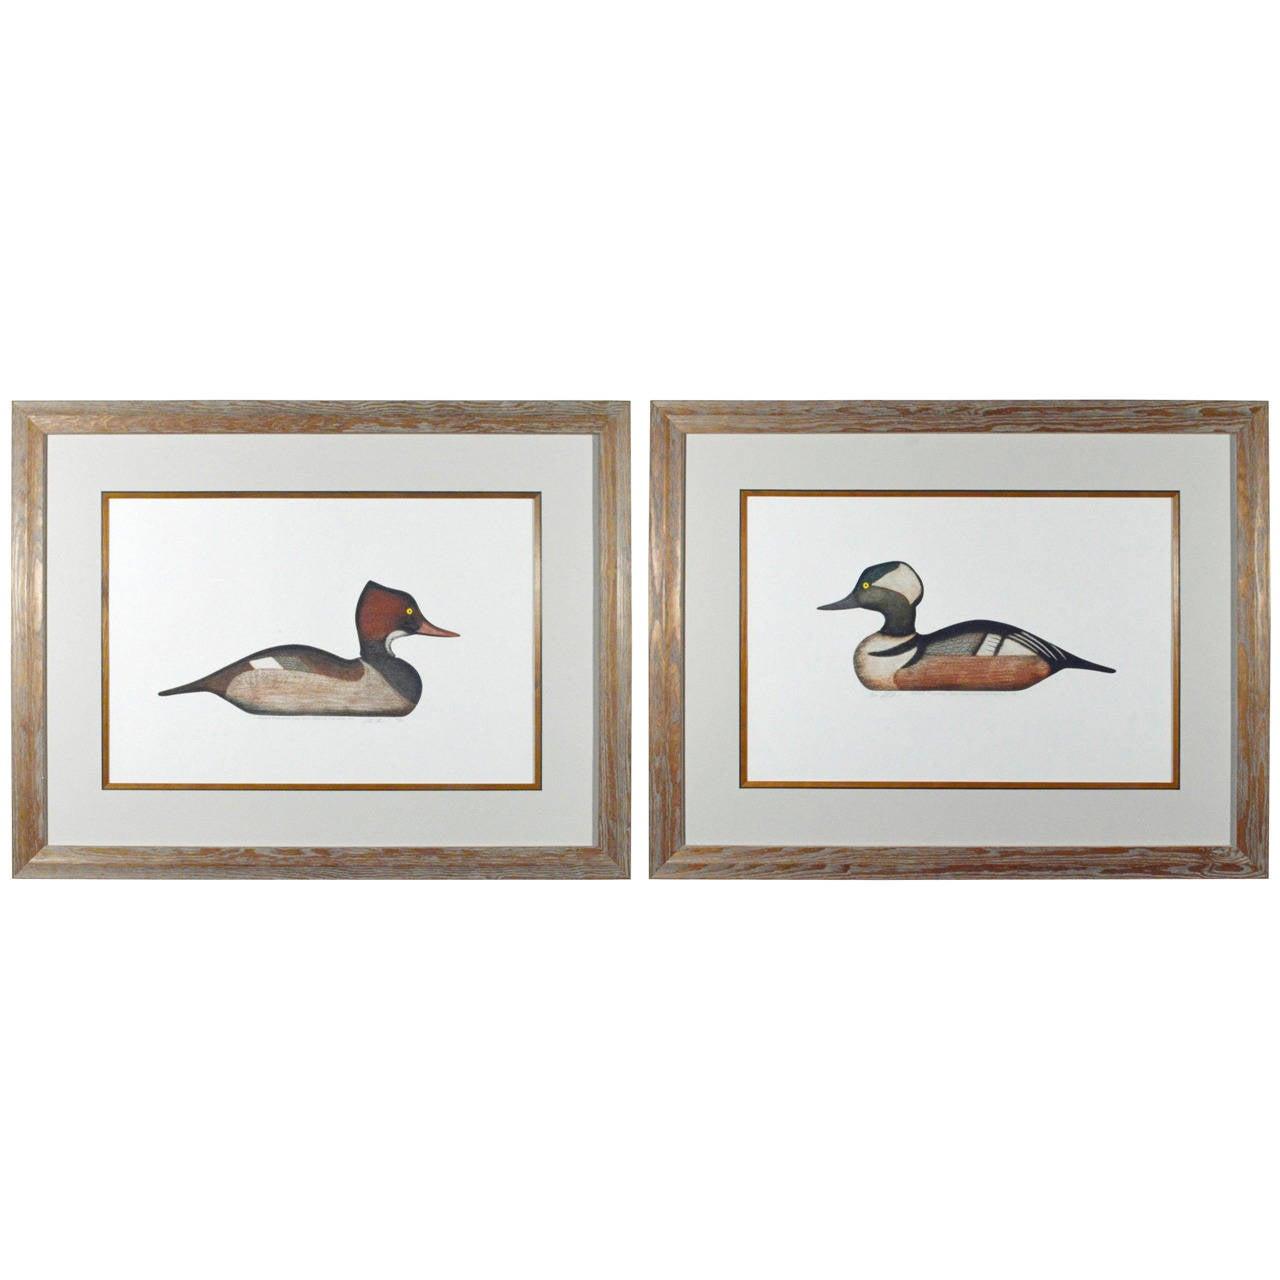 Arthur Nevis Pair of Prints of Hooded Merganser Drake and Hen Duck Decoys